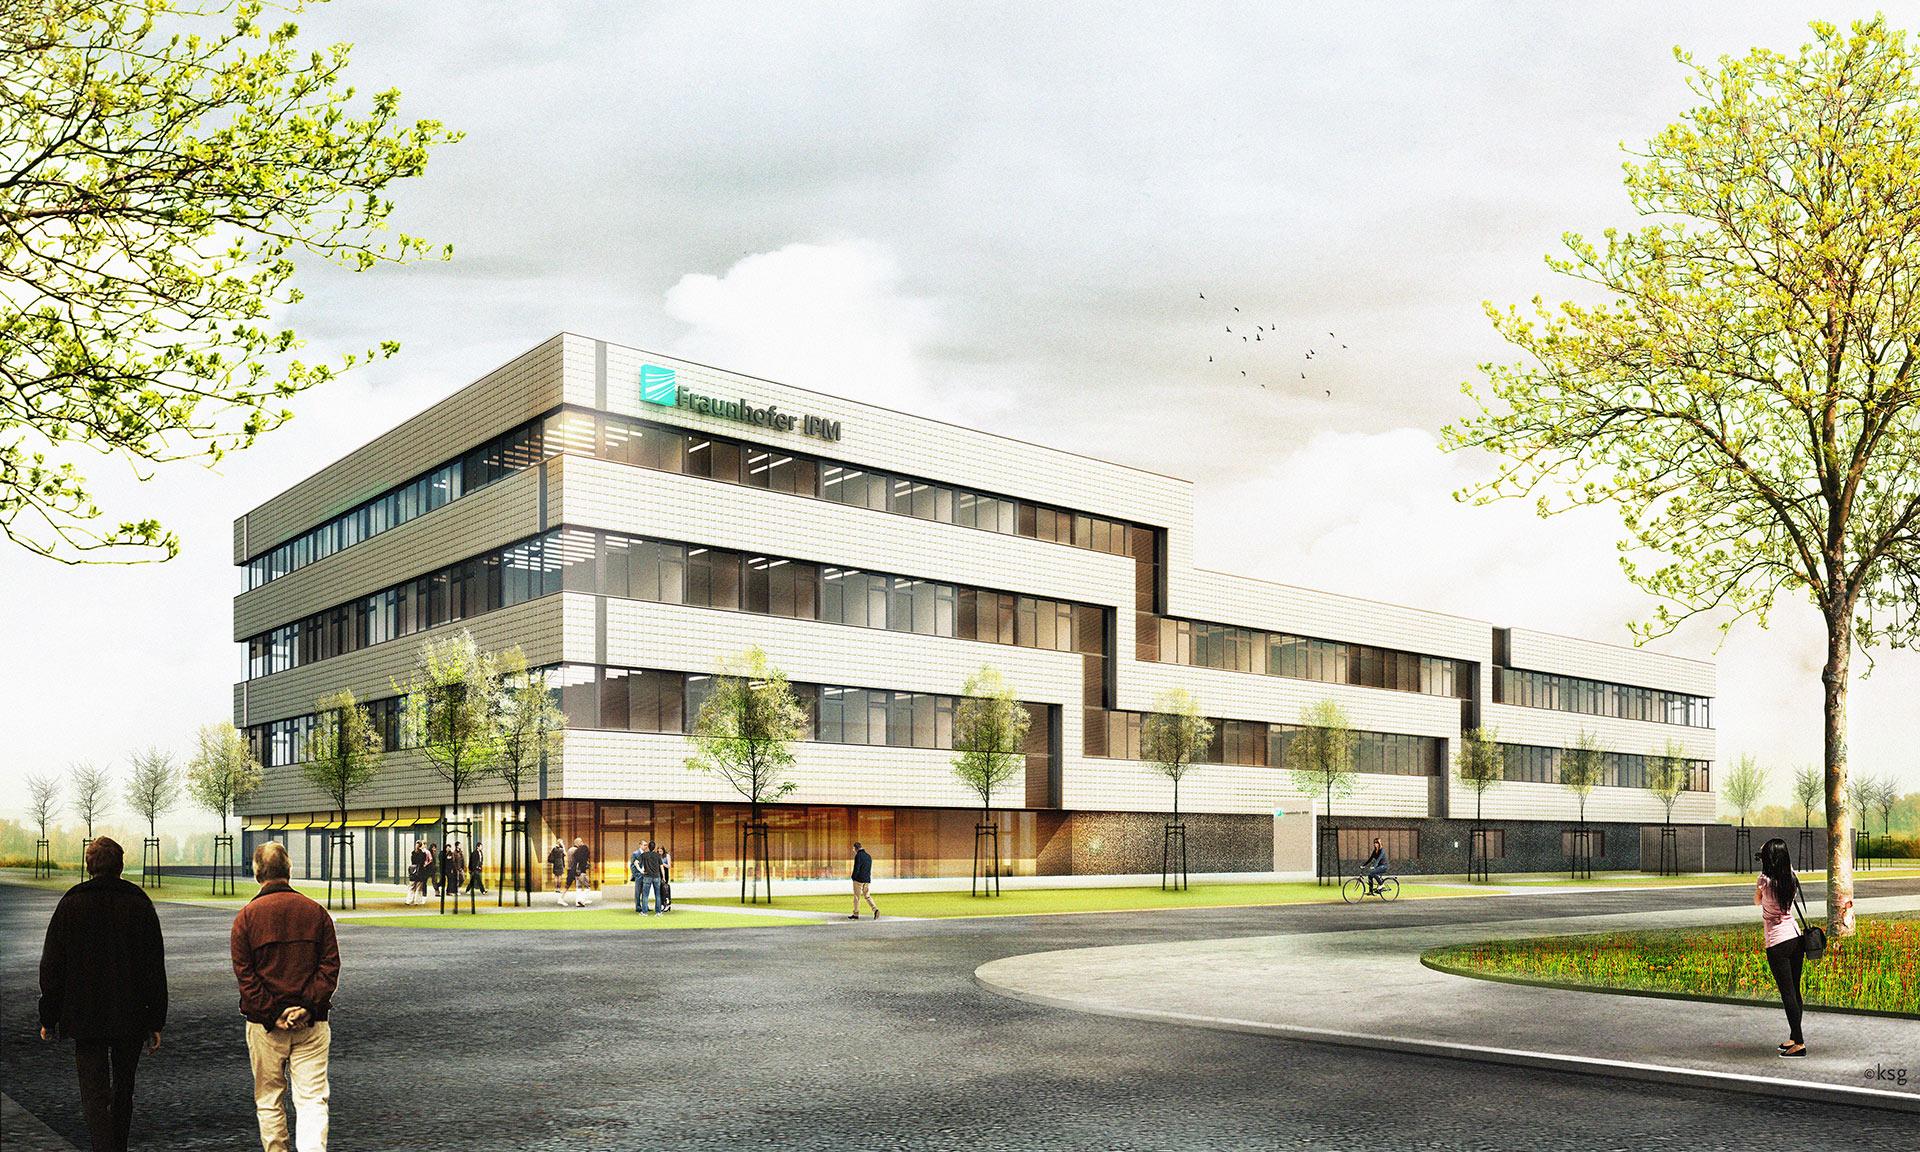 ksg-architekten - Fraunhofer IPM, Freiburg